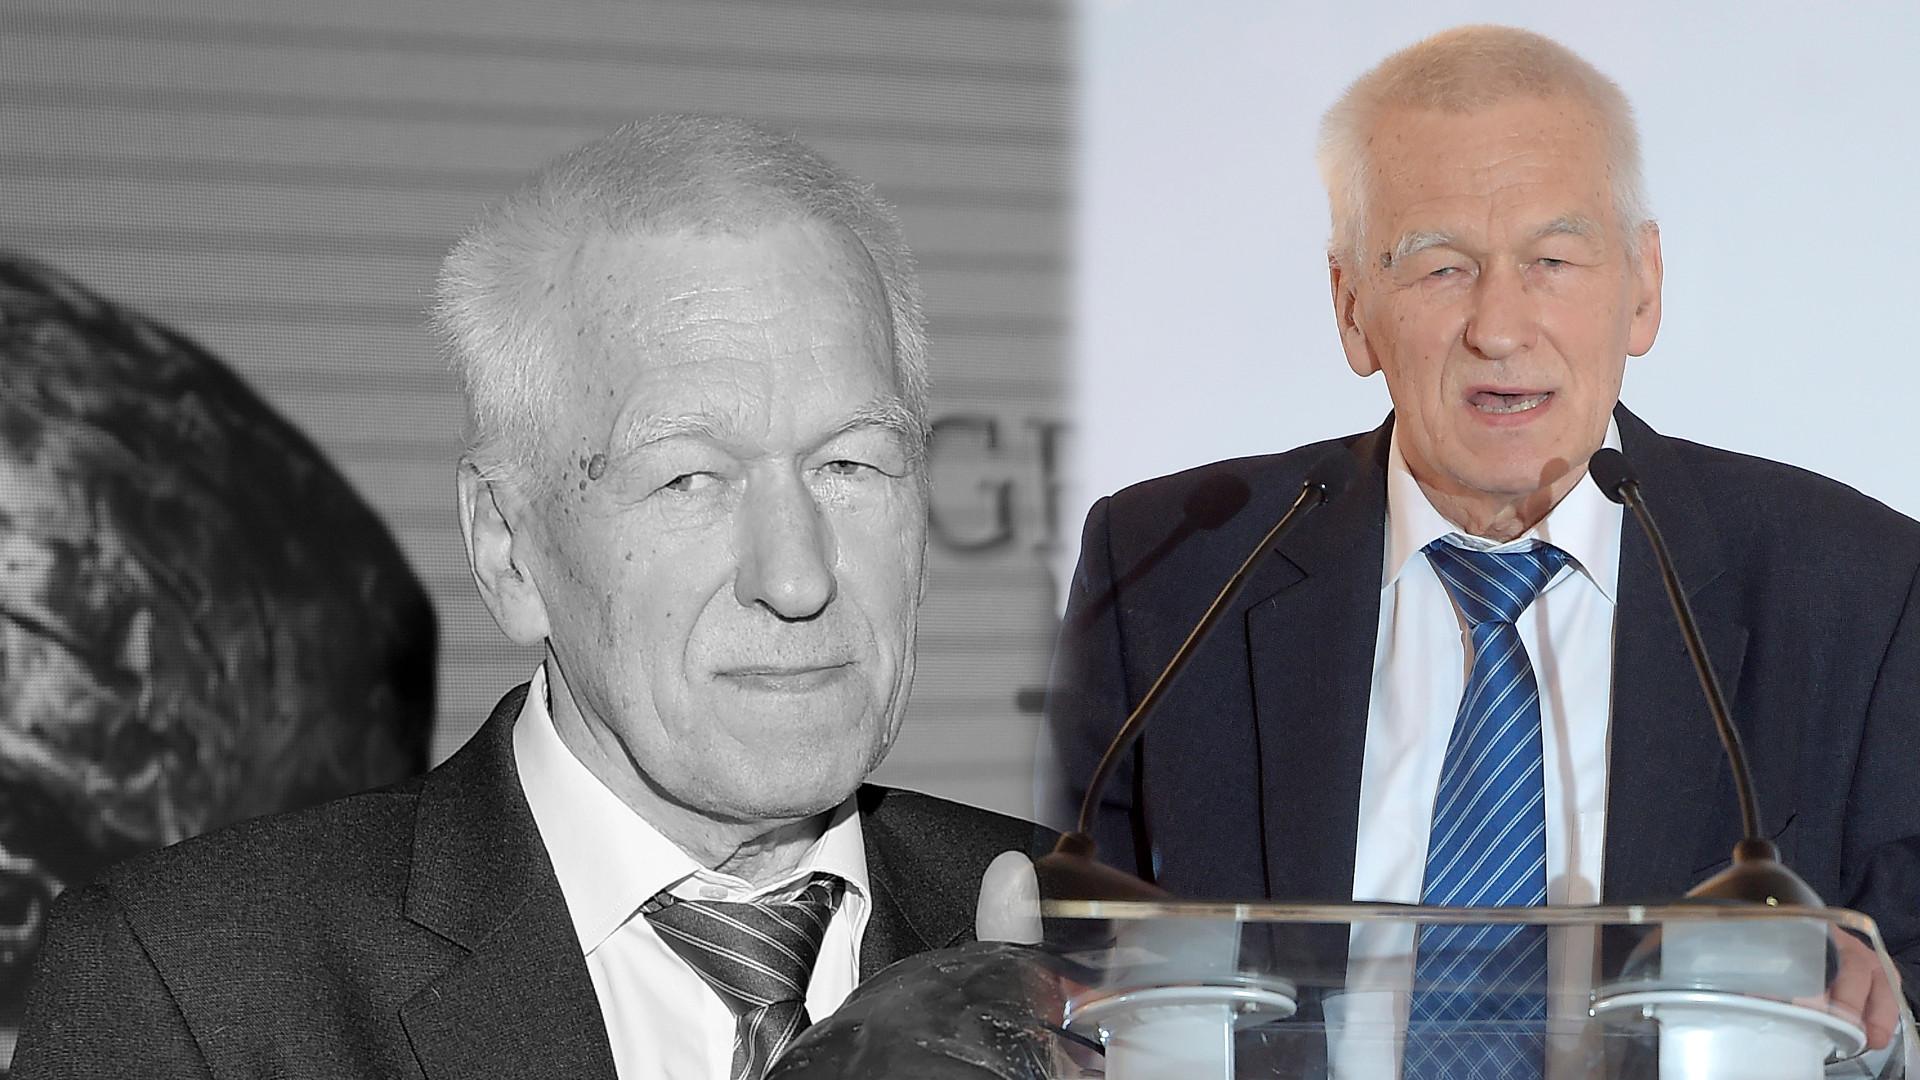 Zmarł KORNEL MORAWIECKI. Legendarny opozycjonista w czasach PRL a także ojciec premiera, Mateusza Morawieckiego